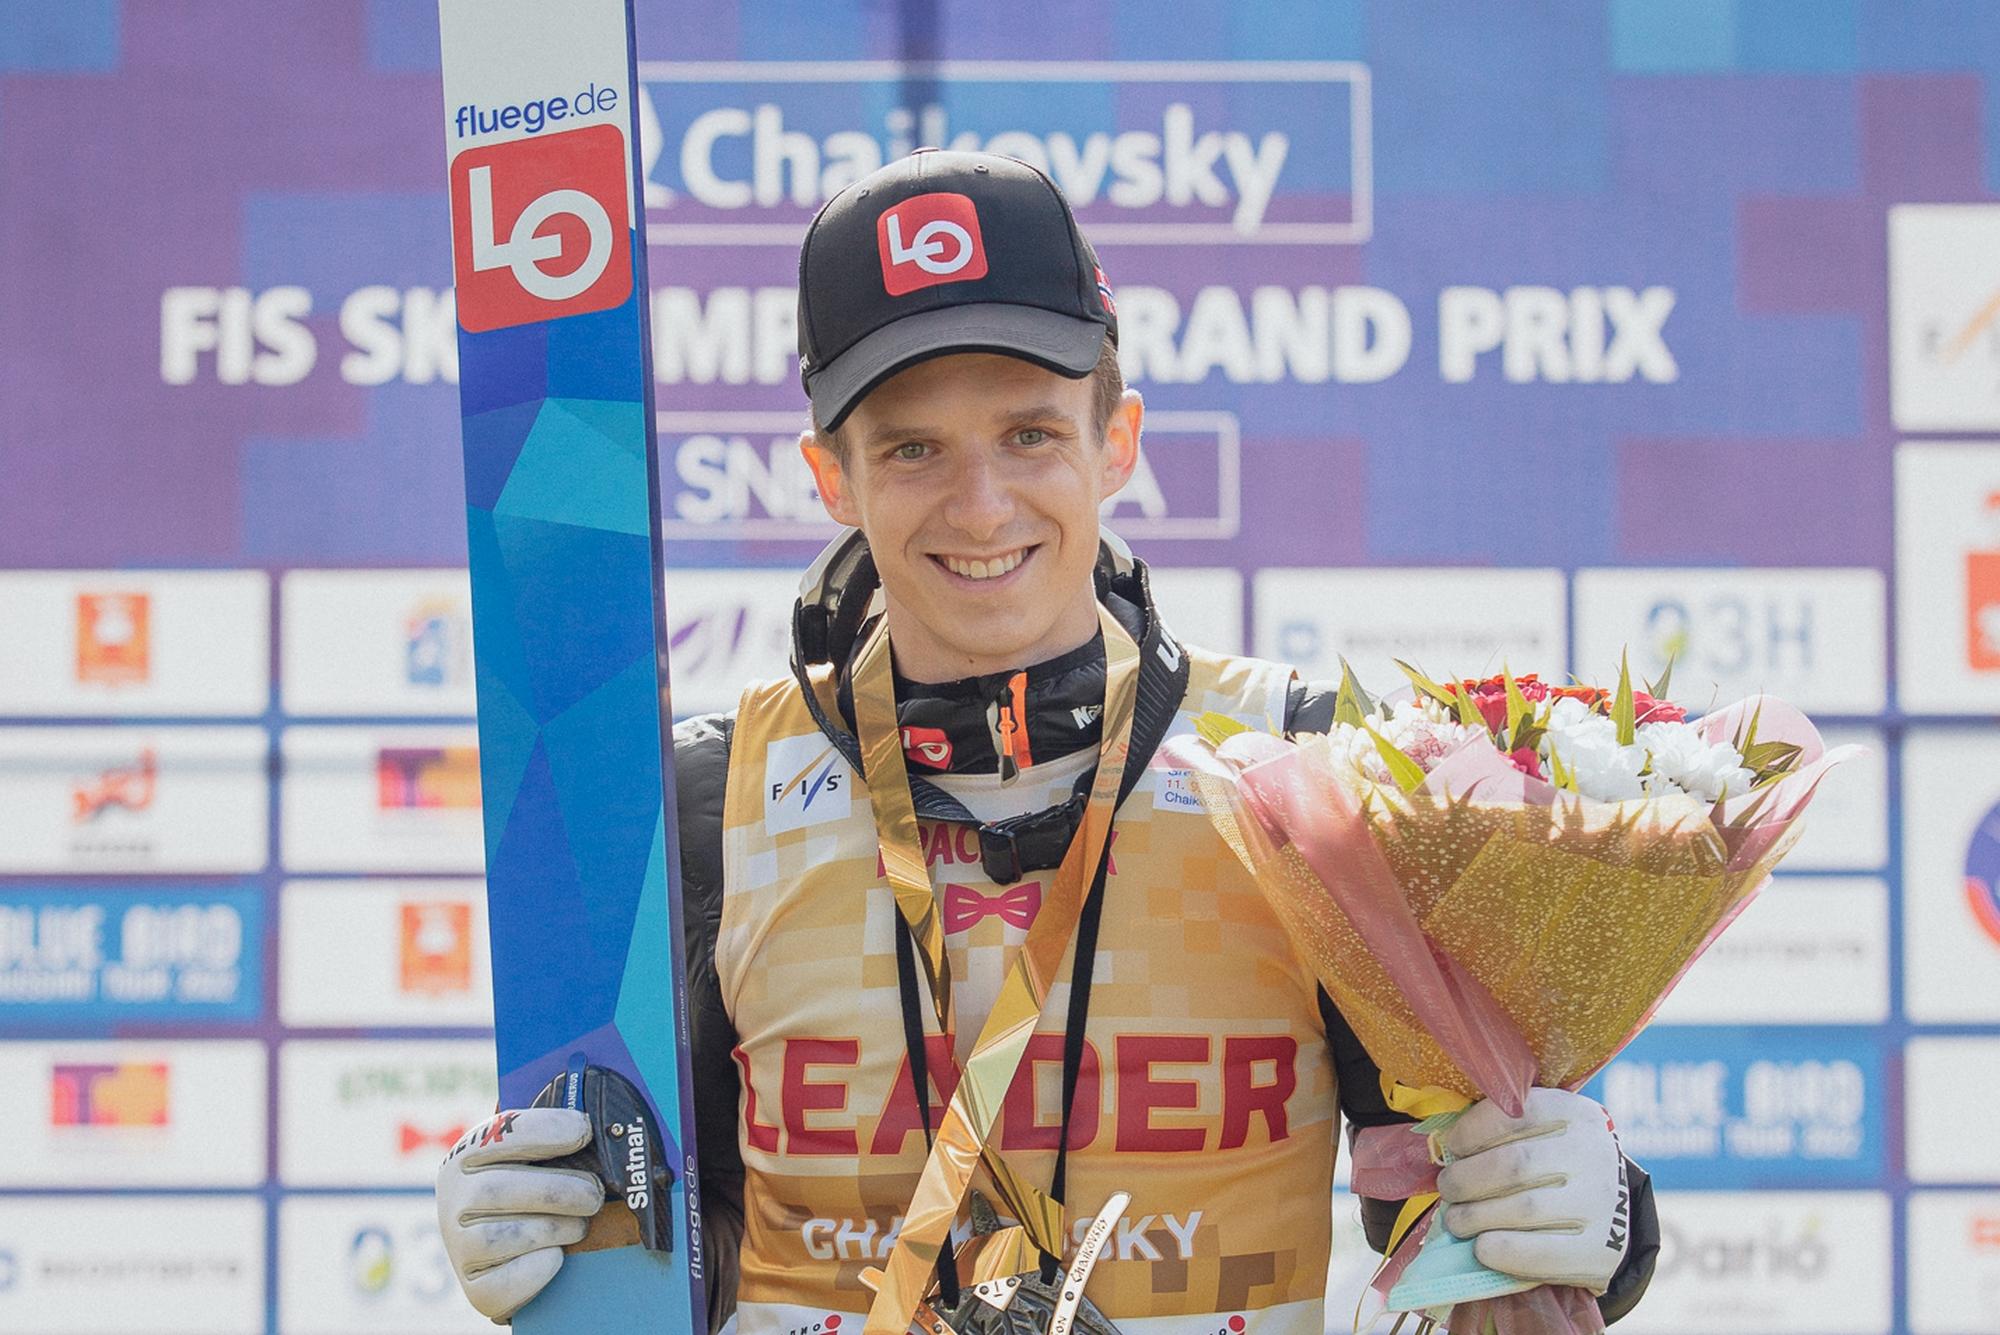 """Halvor Egner Granerud: """"Skaczę teraz znacznie lepiej, niż o tej samej porze w zeszłym sezonie"""""""